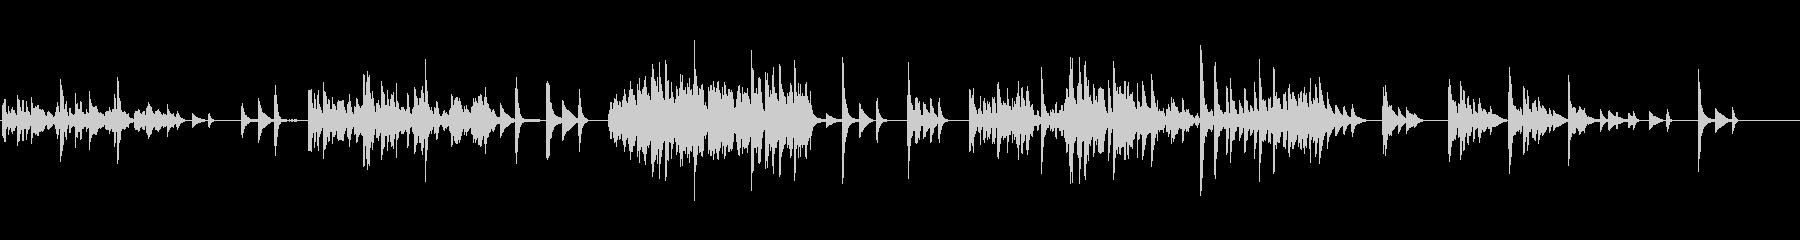 生ピアノソロ・一人の時間(ソフトピアノ)の未再生の波形